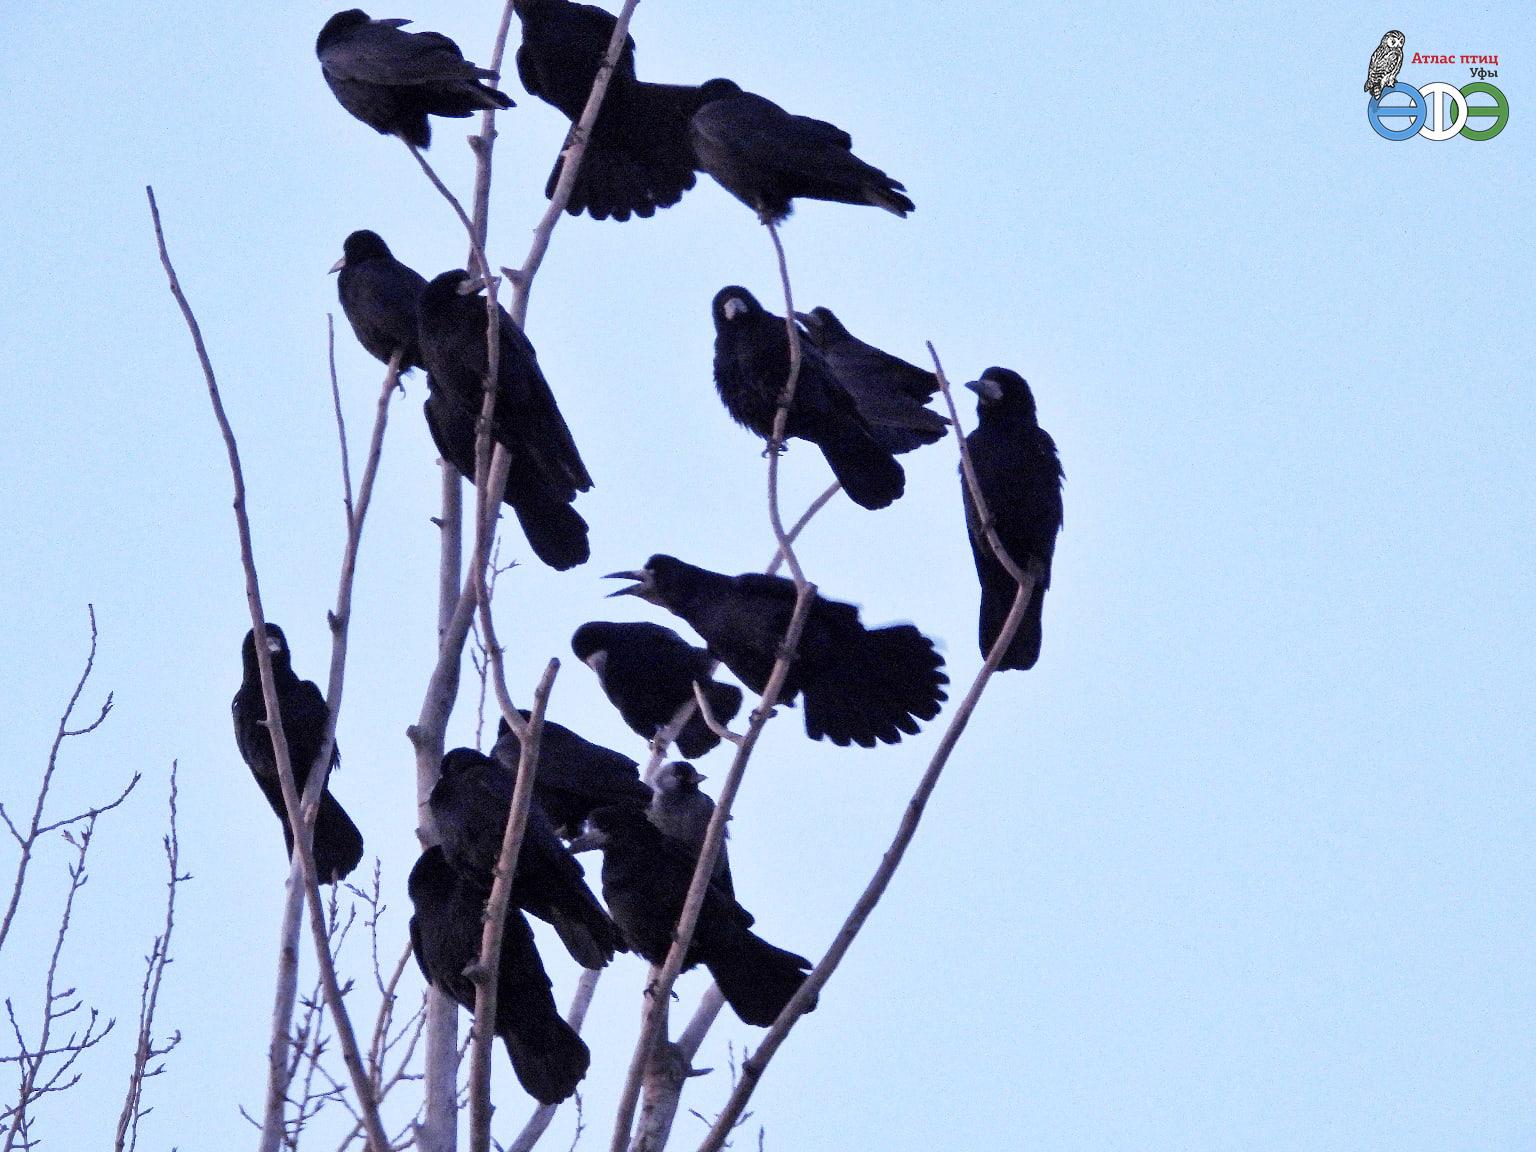 Грачи и галка, 1.03.2020 г., Уфа (фото Губиной Т.В.)